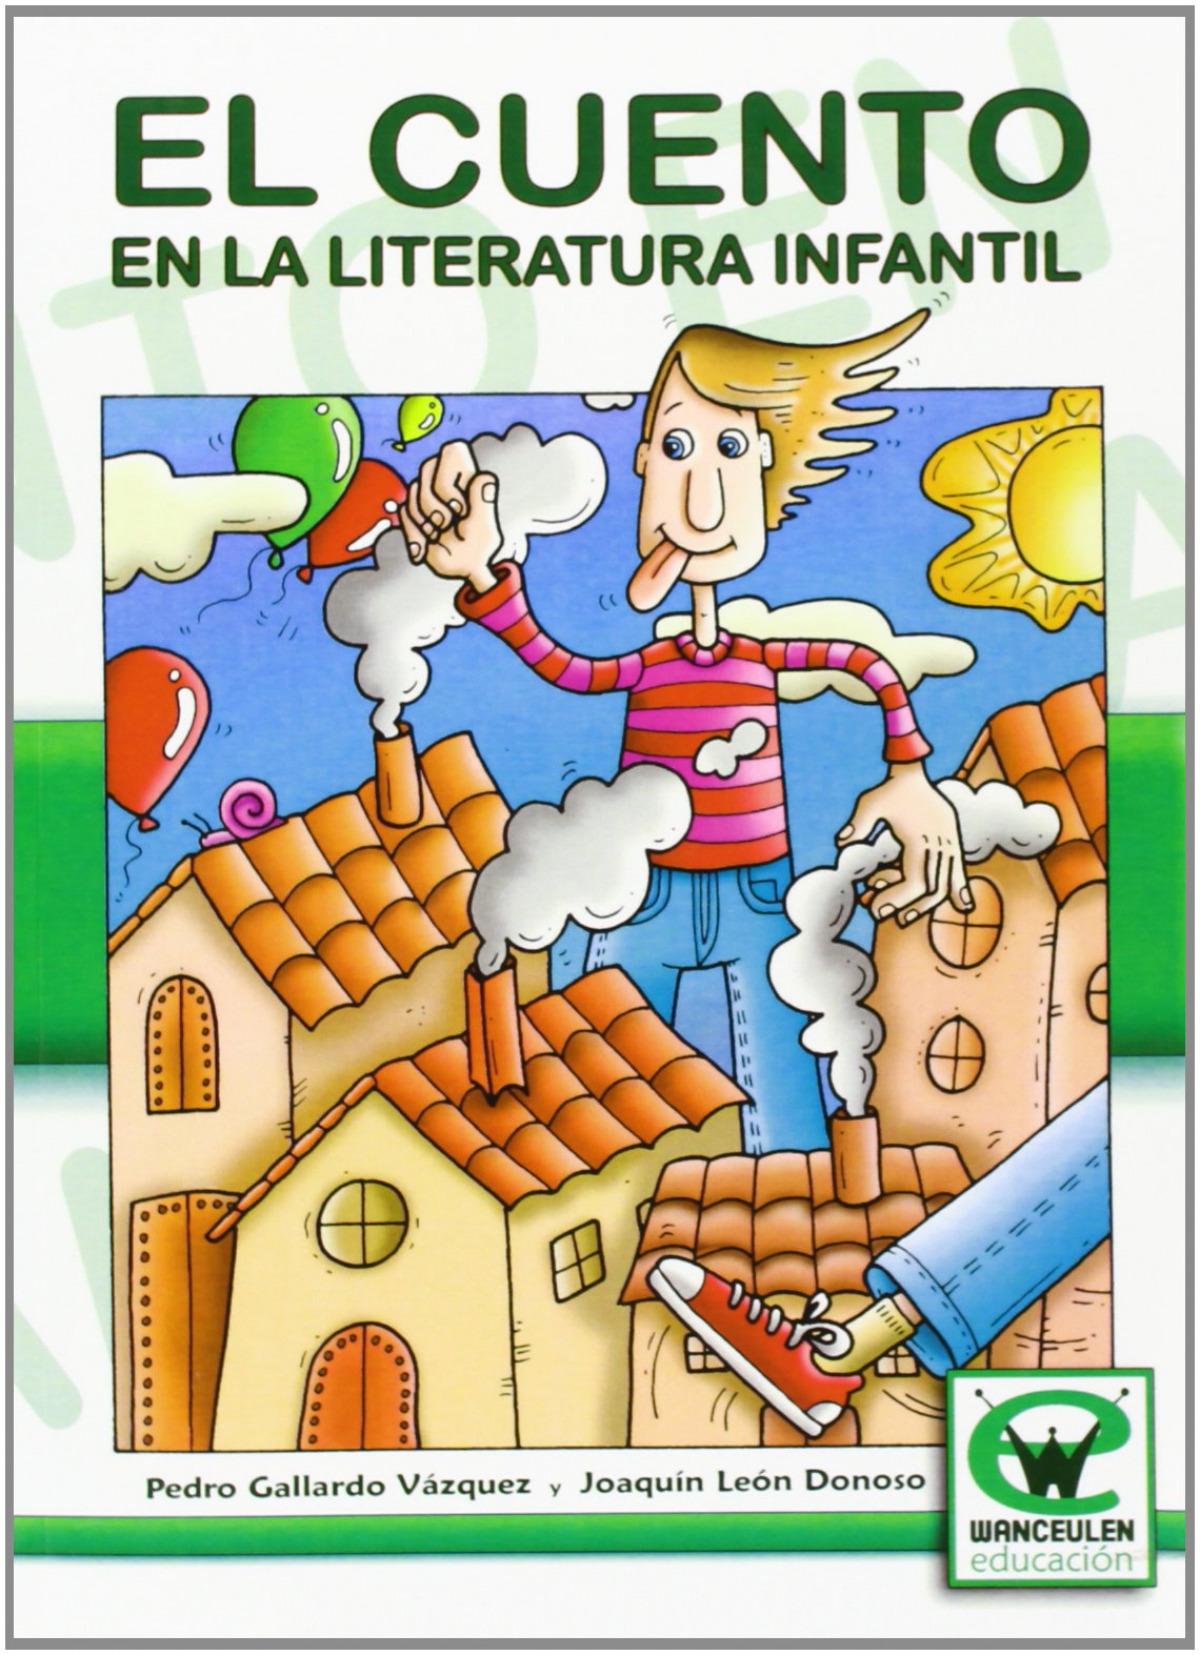 Cuento en literatura infantil - Gallardo, Pedro